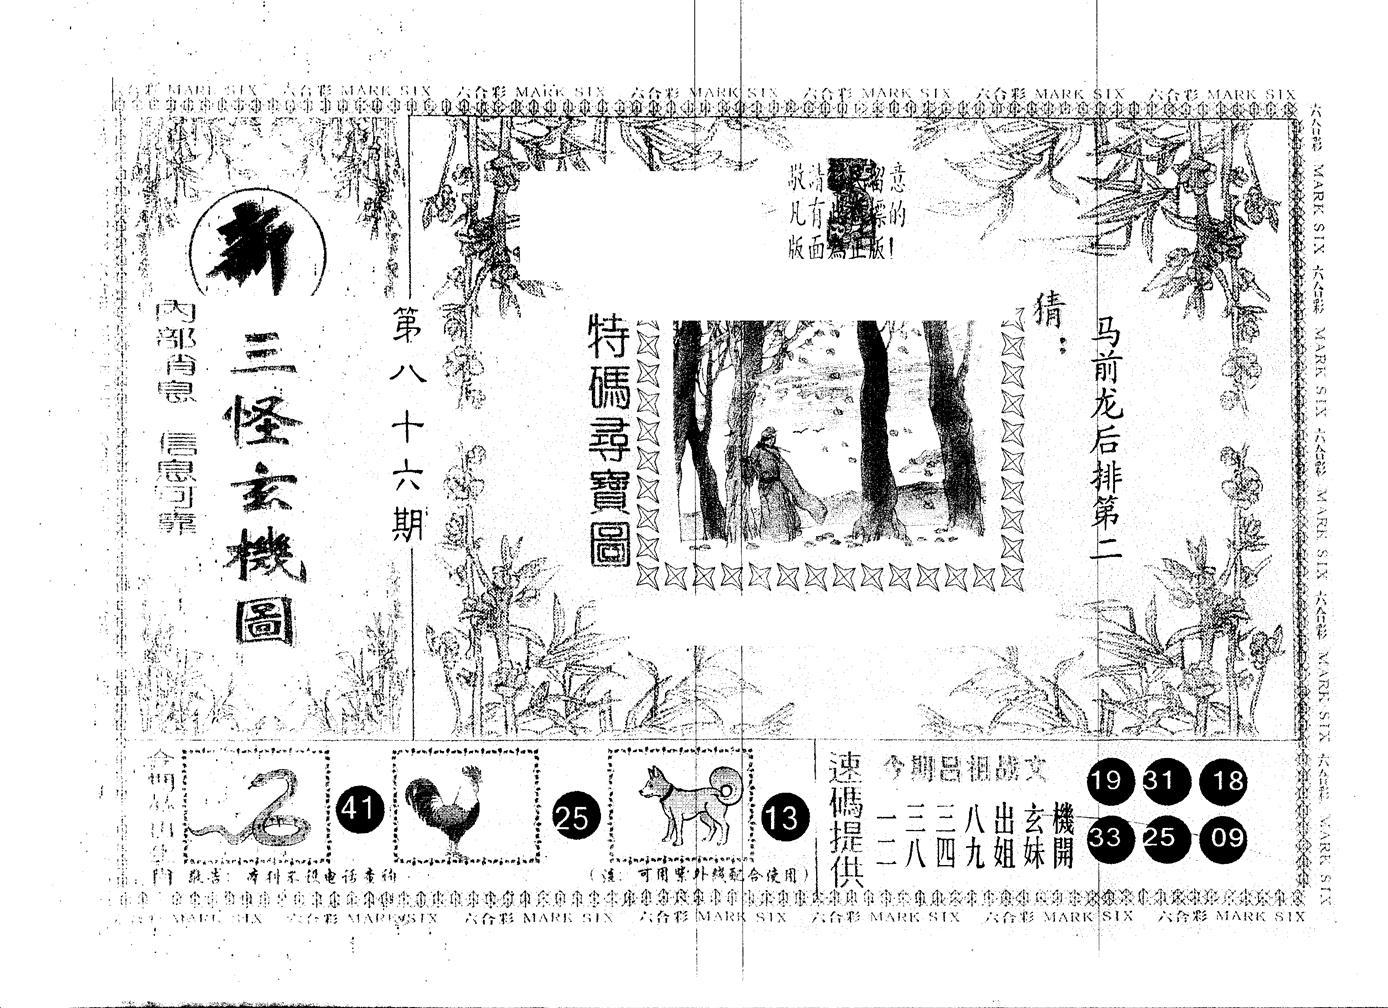 086期另版新三怪(黑白)